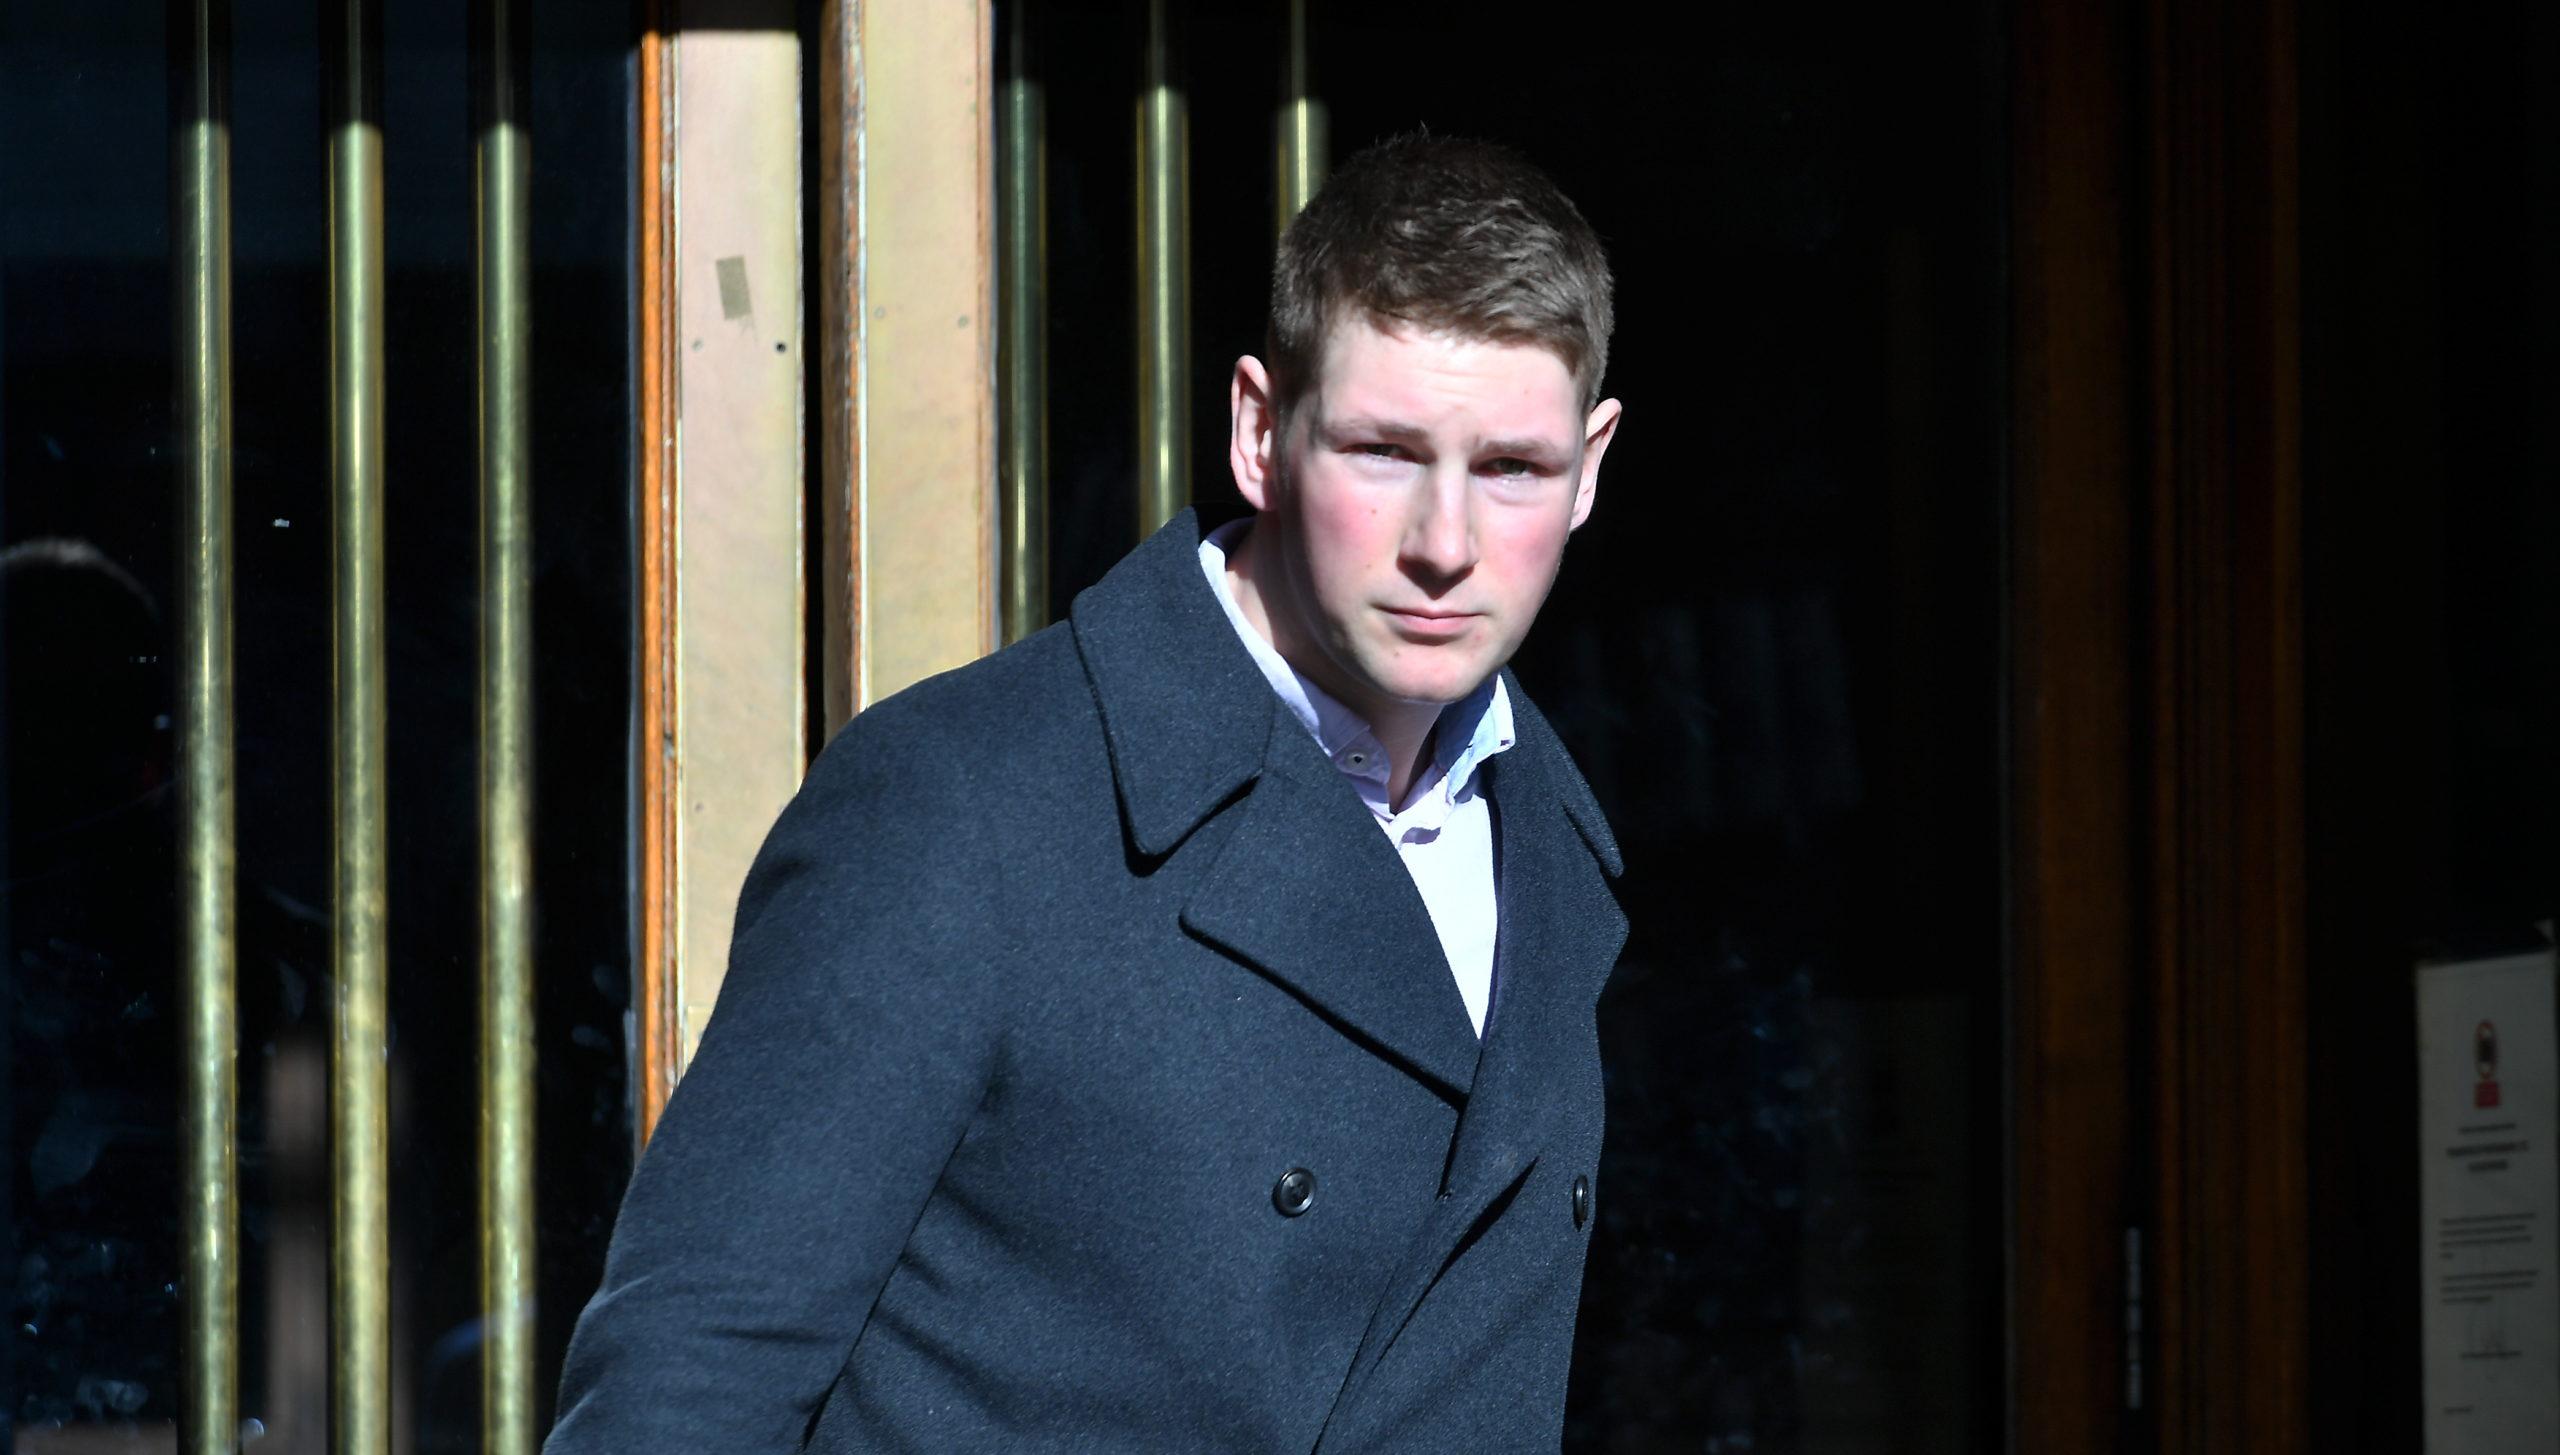 Nicholas Gunn leaving Aberdeen Sheriff court.